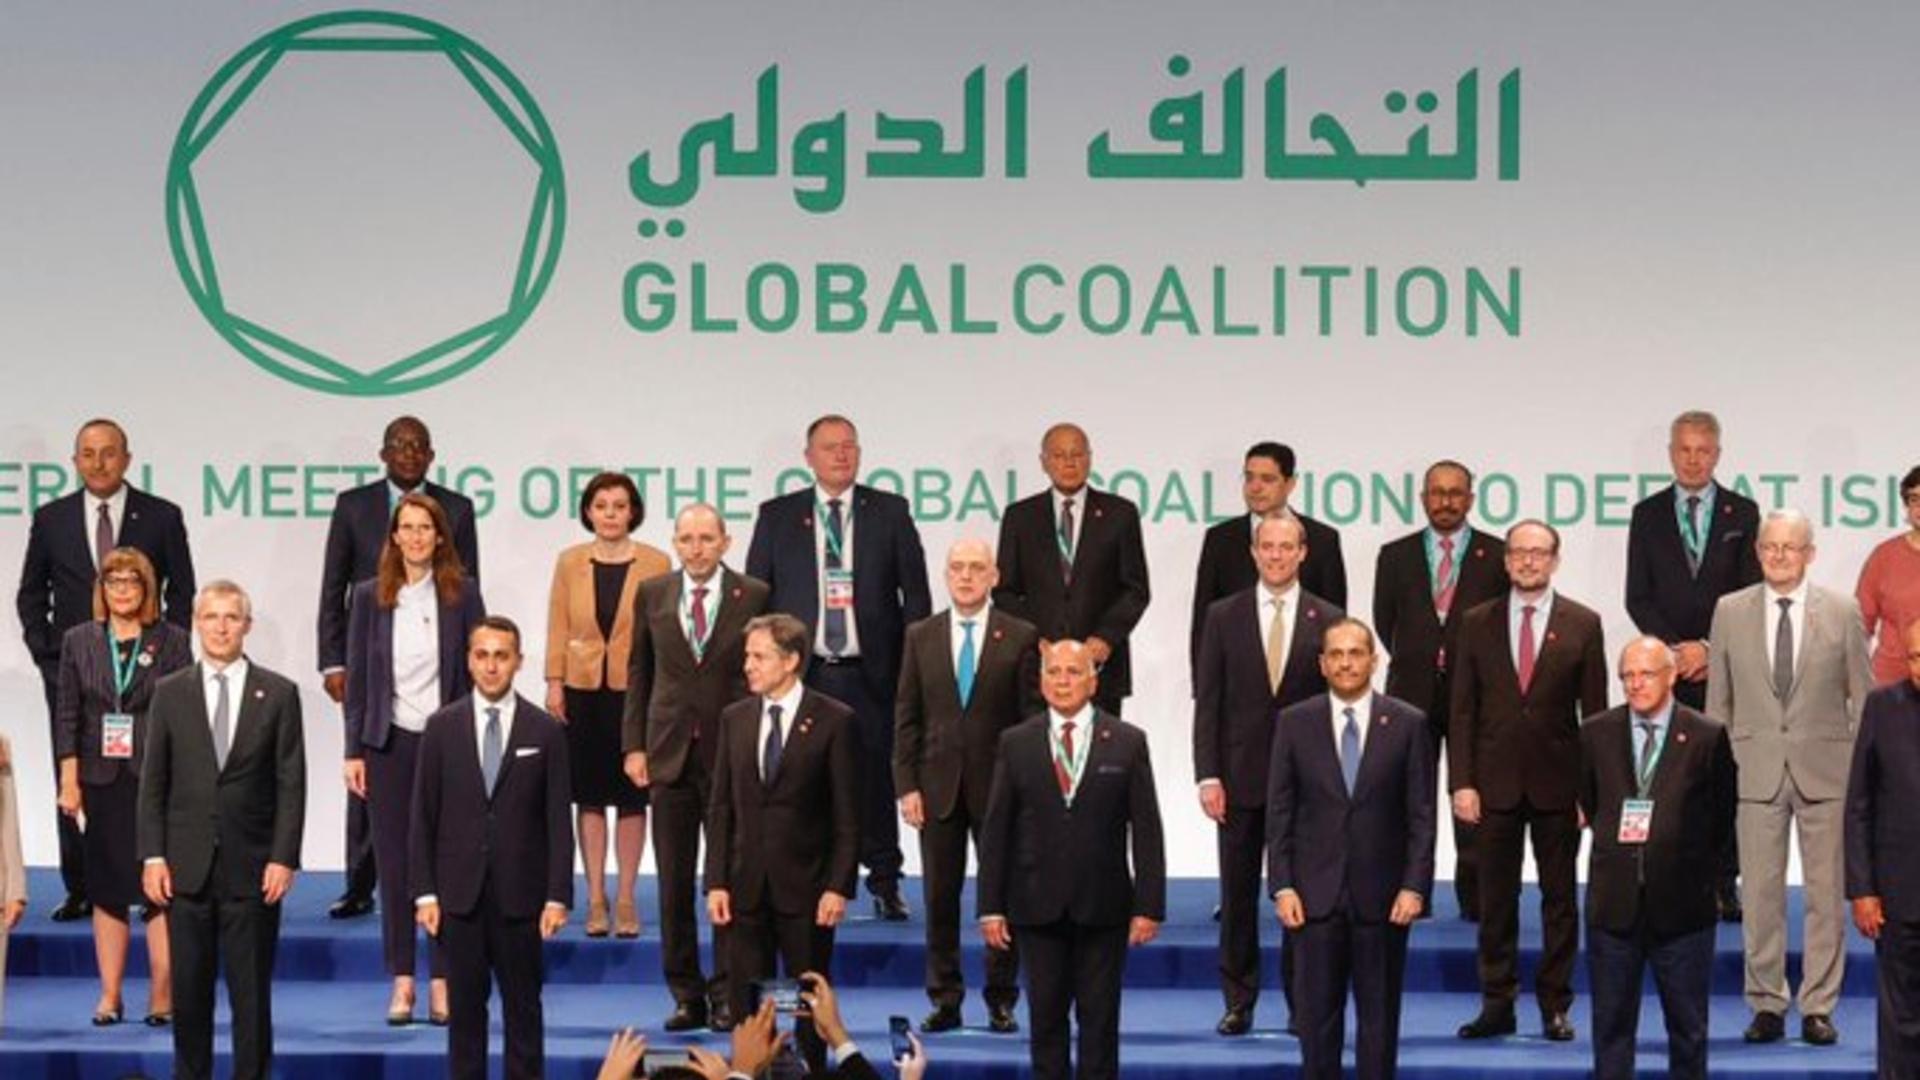 وزير الخارجية يشارك باجتماع التحالف الدولي في روما